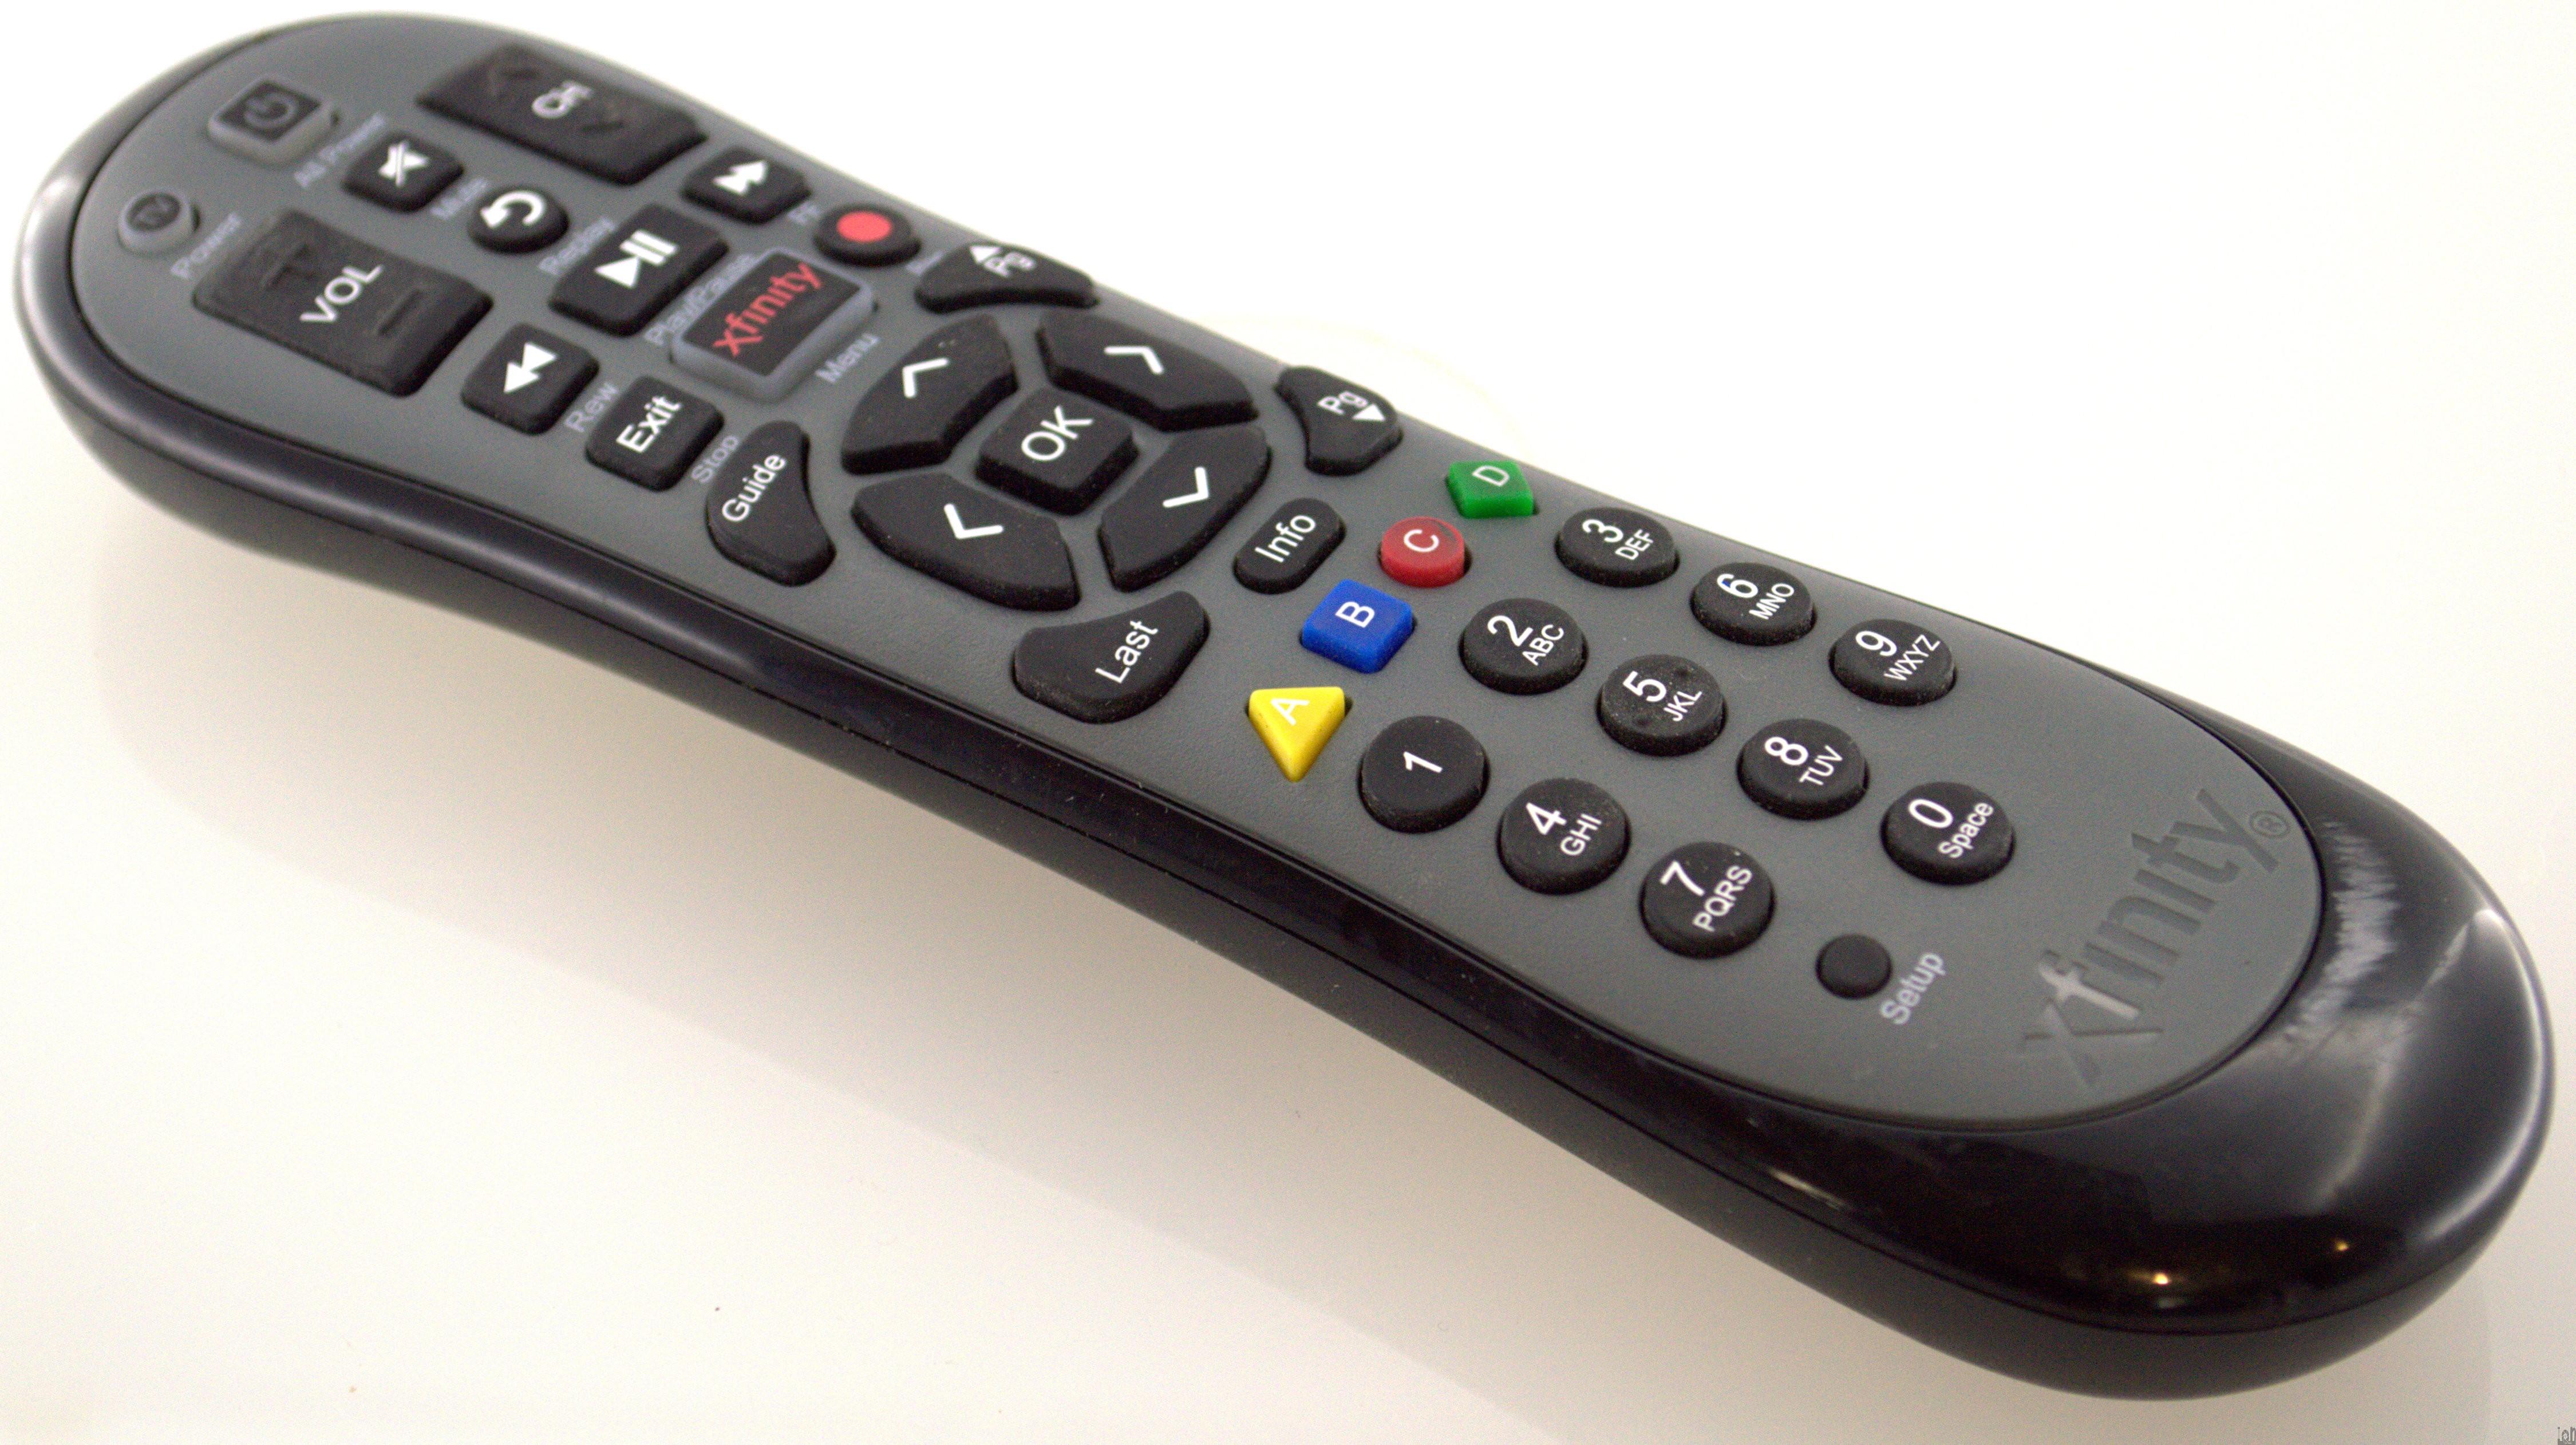 URC-4268BC0-XXXX-R Xfinity Remote Control XR2 U2 HDTV DVR